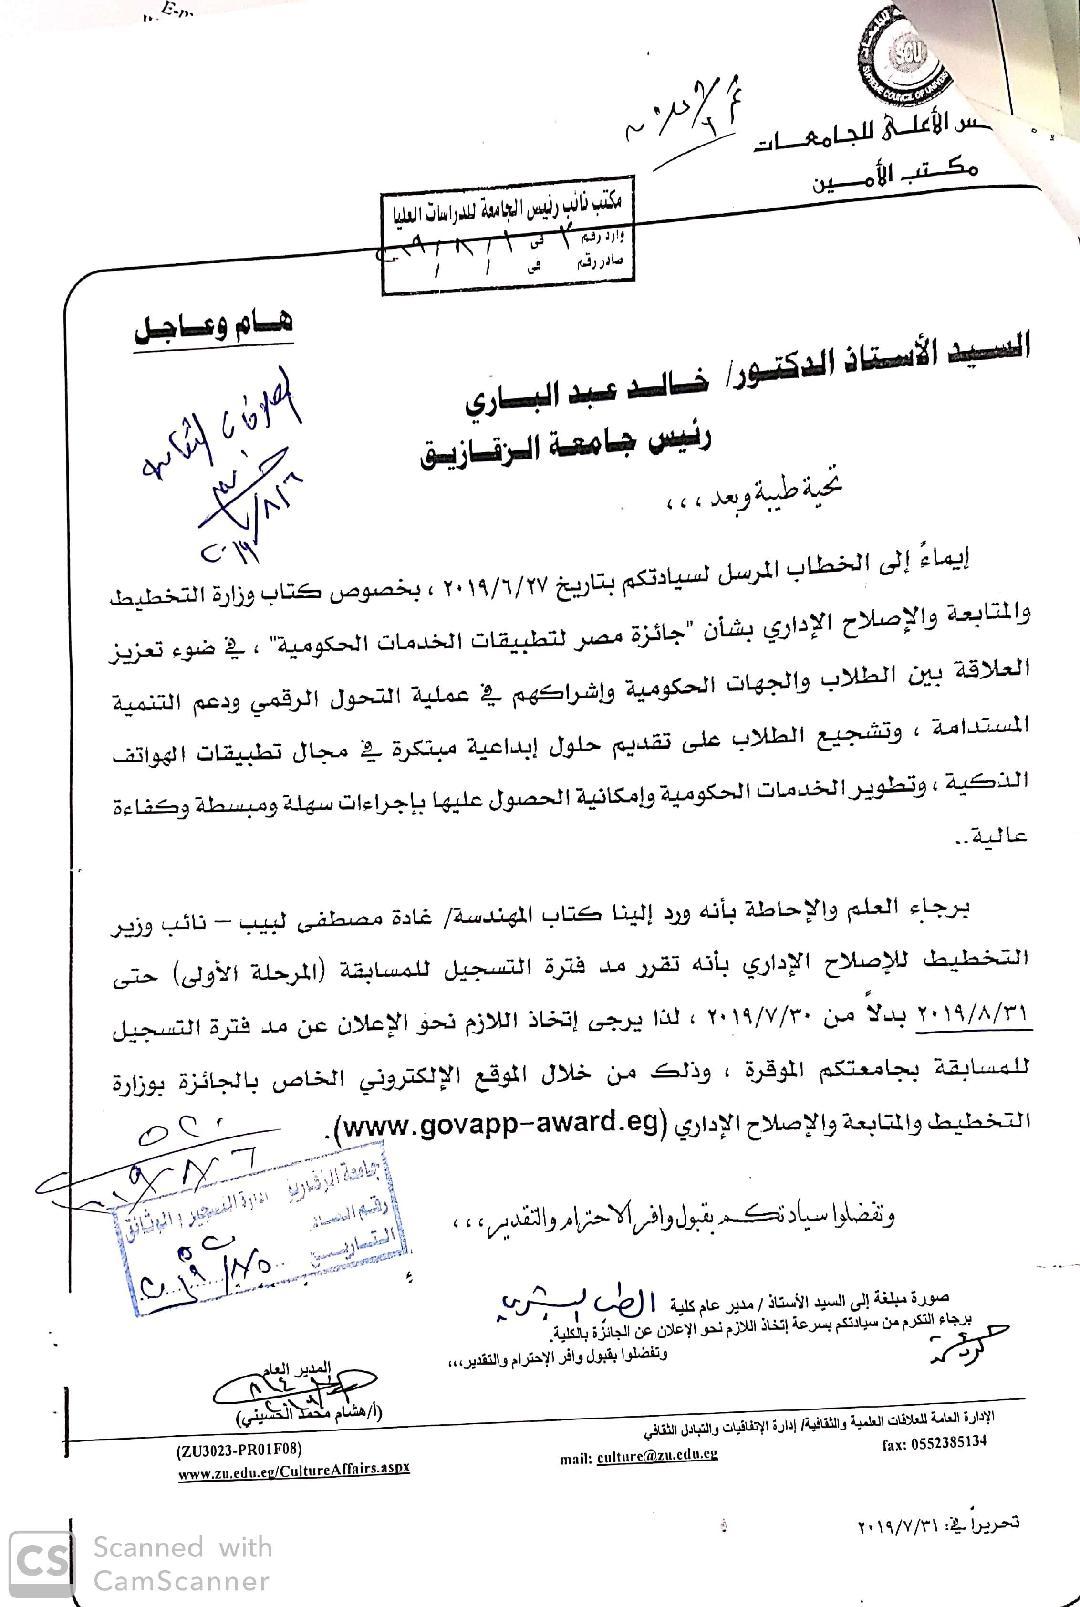 جائزة مصر لتطبيقات الخدمات الحكوميه